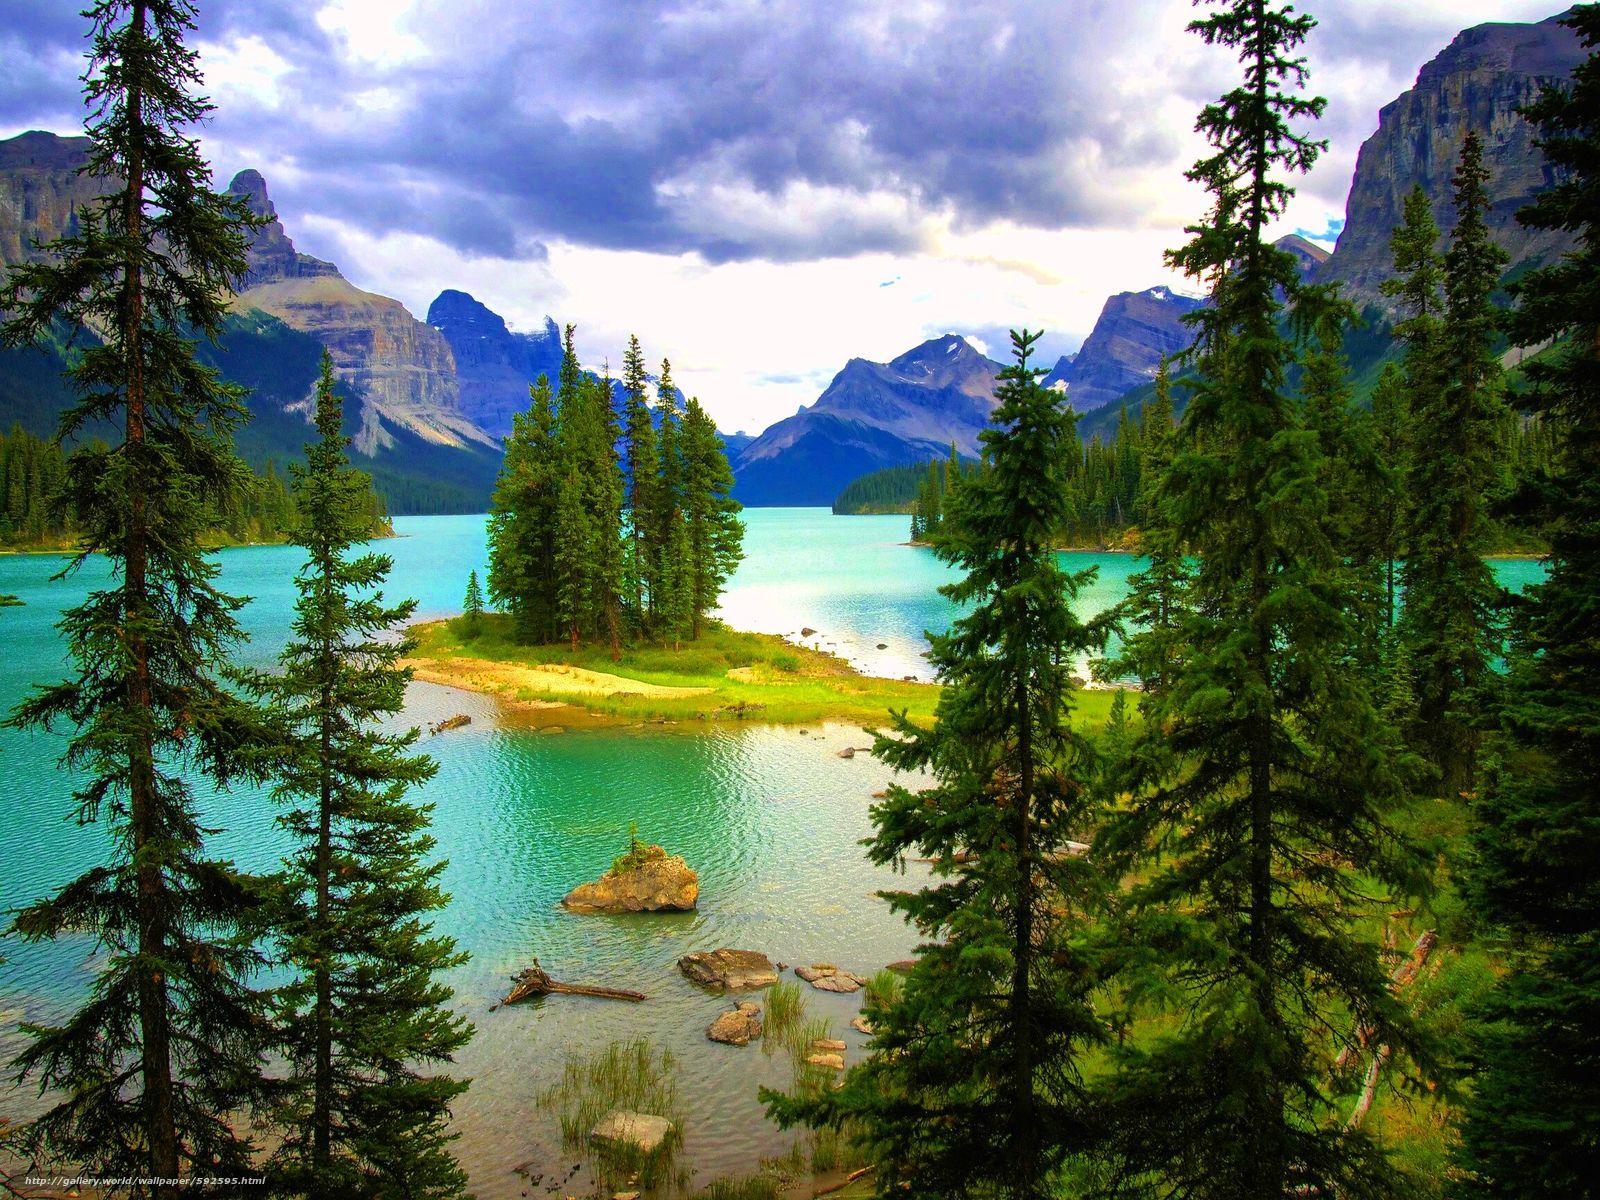 Tlcharger Fond d'ecran Lac Maligne,  Parc national de Jasper,  Canada Fonds d'ecran gratuits pour votre rsolution du bureau 2304x1728 — image №592595